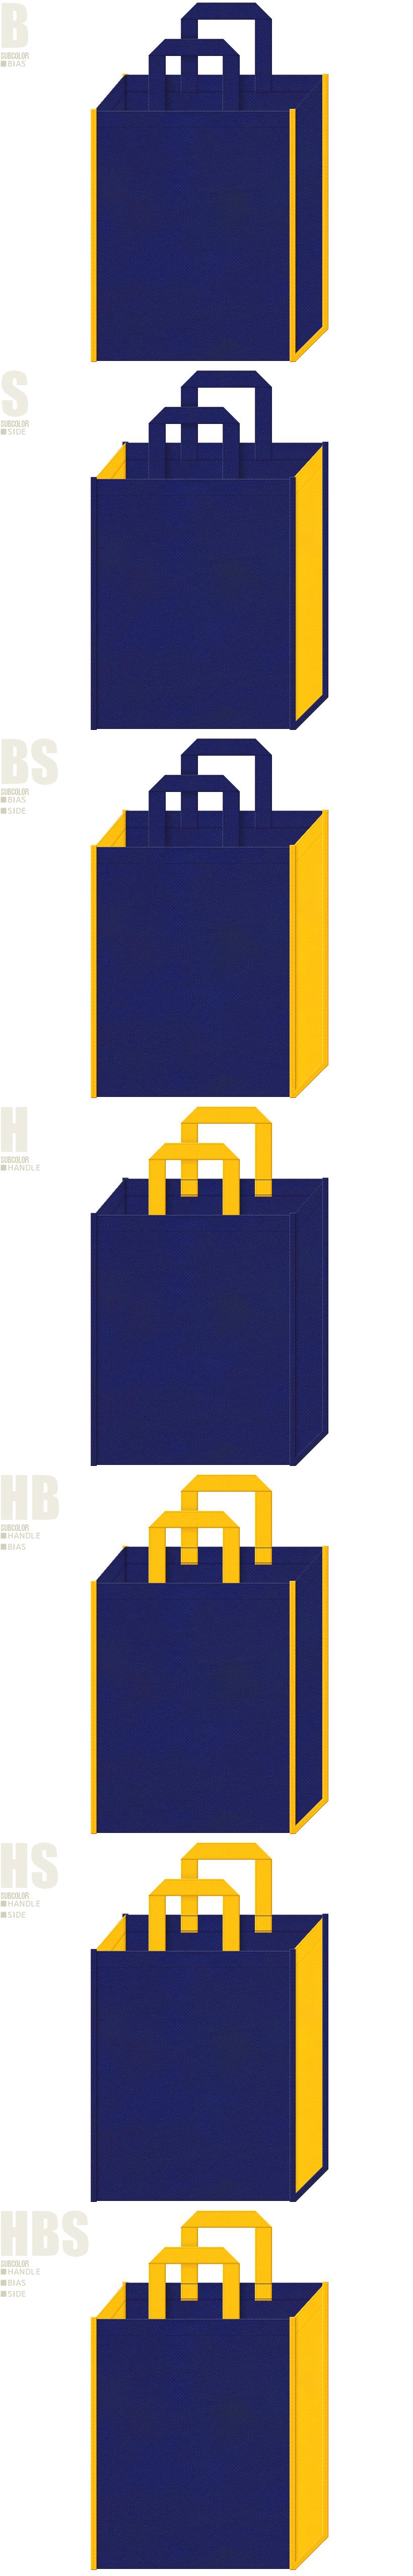 電気・通信・ロボット・テーマパーク・ゲーム・キッズイベントにお奨めの不織布バッグデザイン:明るい紺色と黄色の配色7パターン